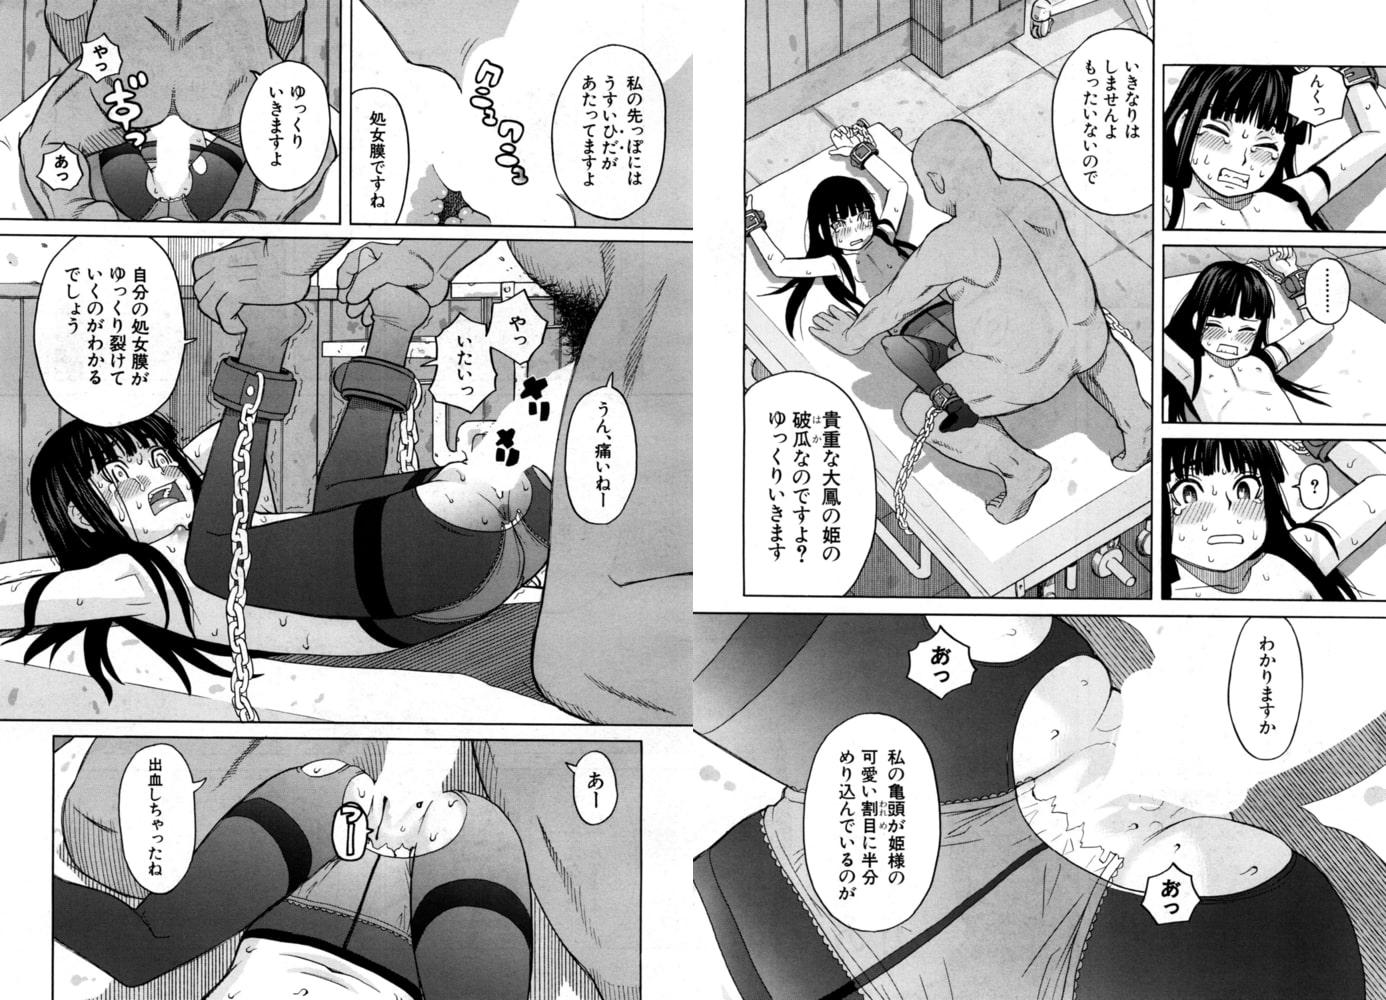 令嬢地獄〈第2話/後編〉(ZUKI樹)のサンプル2